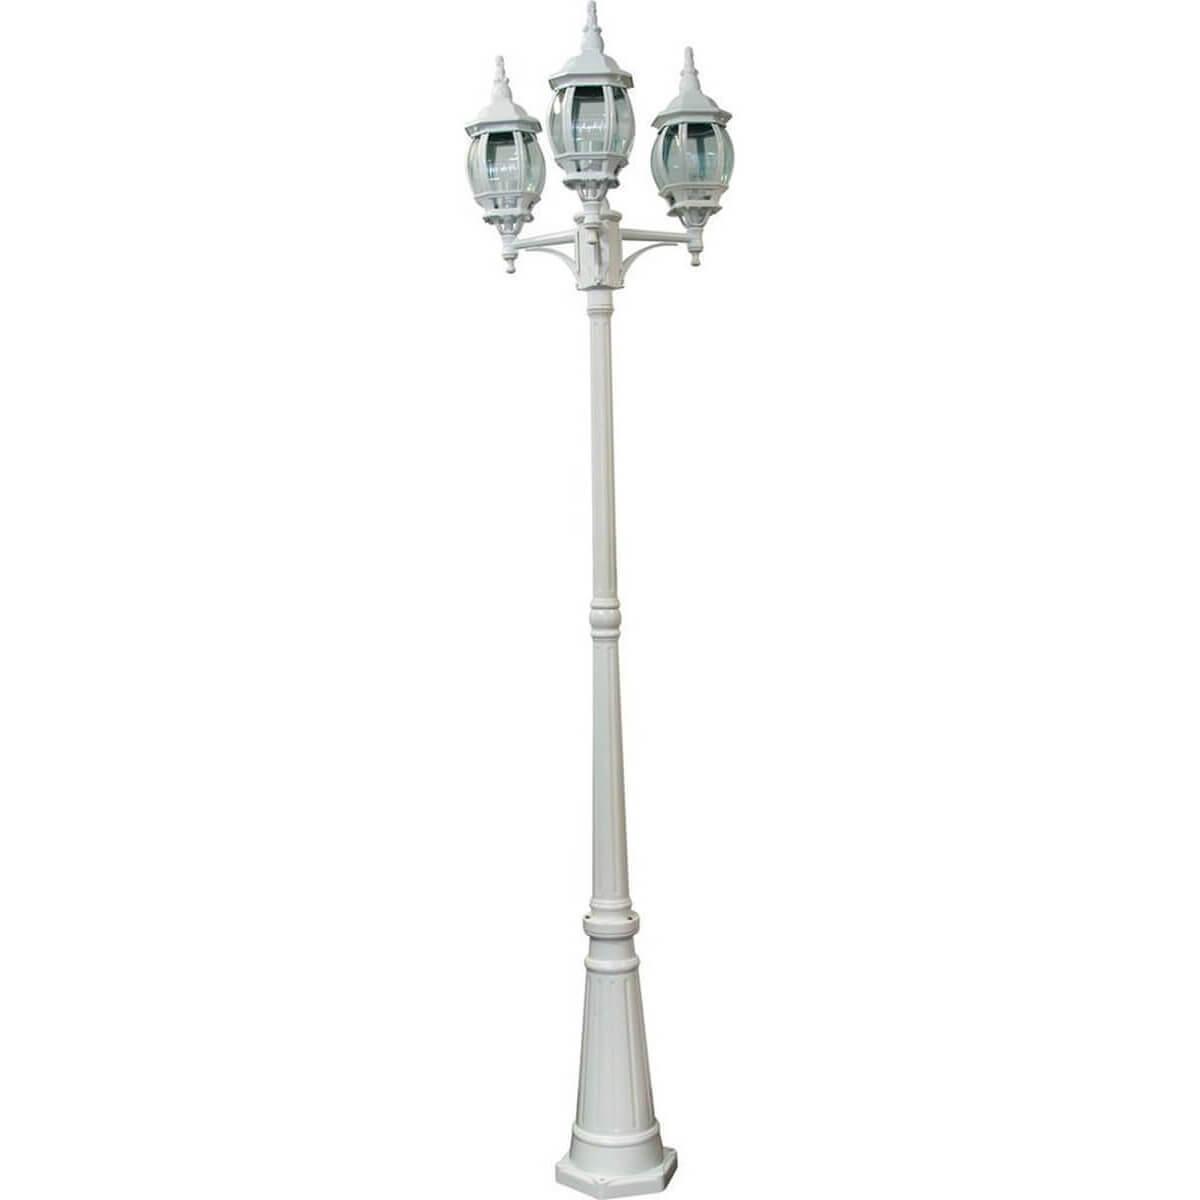 цена Садово-парковый светильник Feron 8115 11211 онлайн в 2017 году